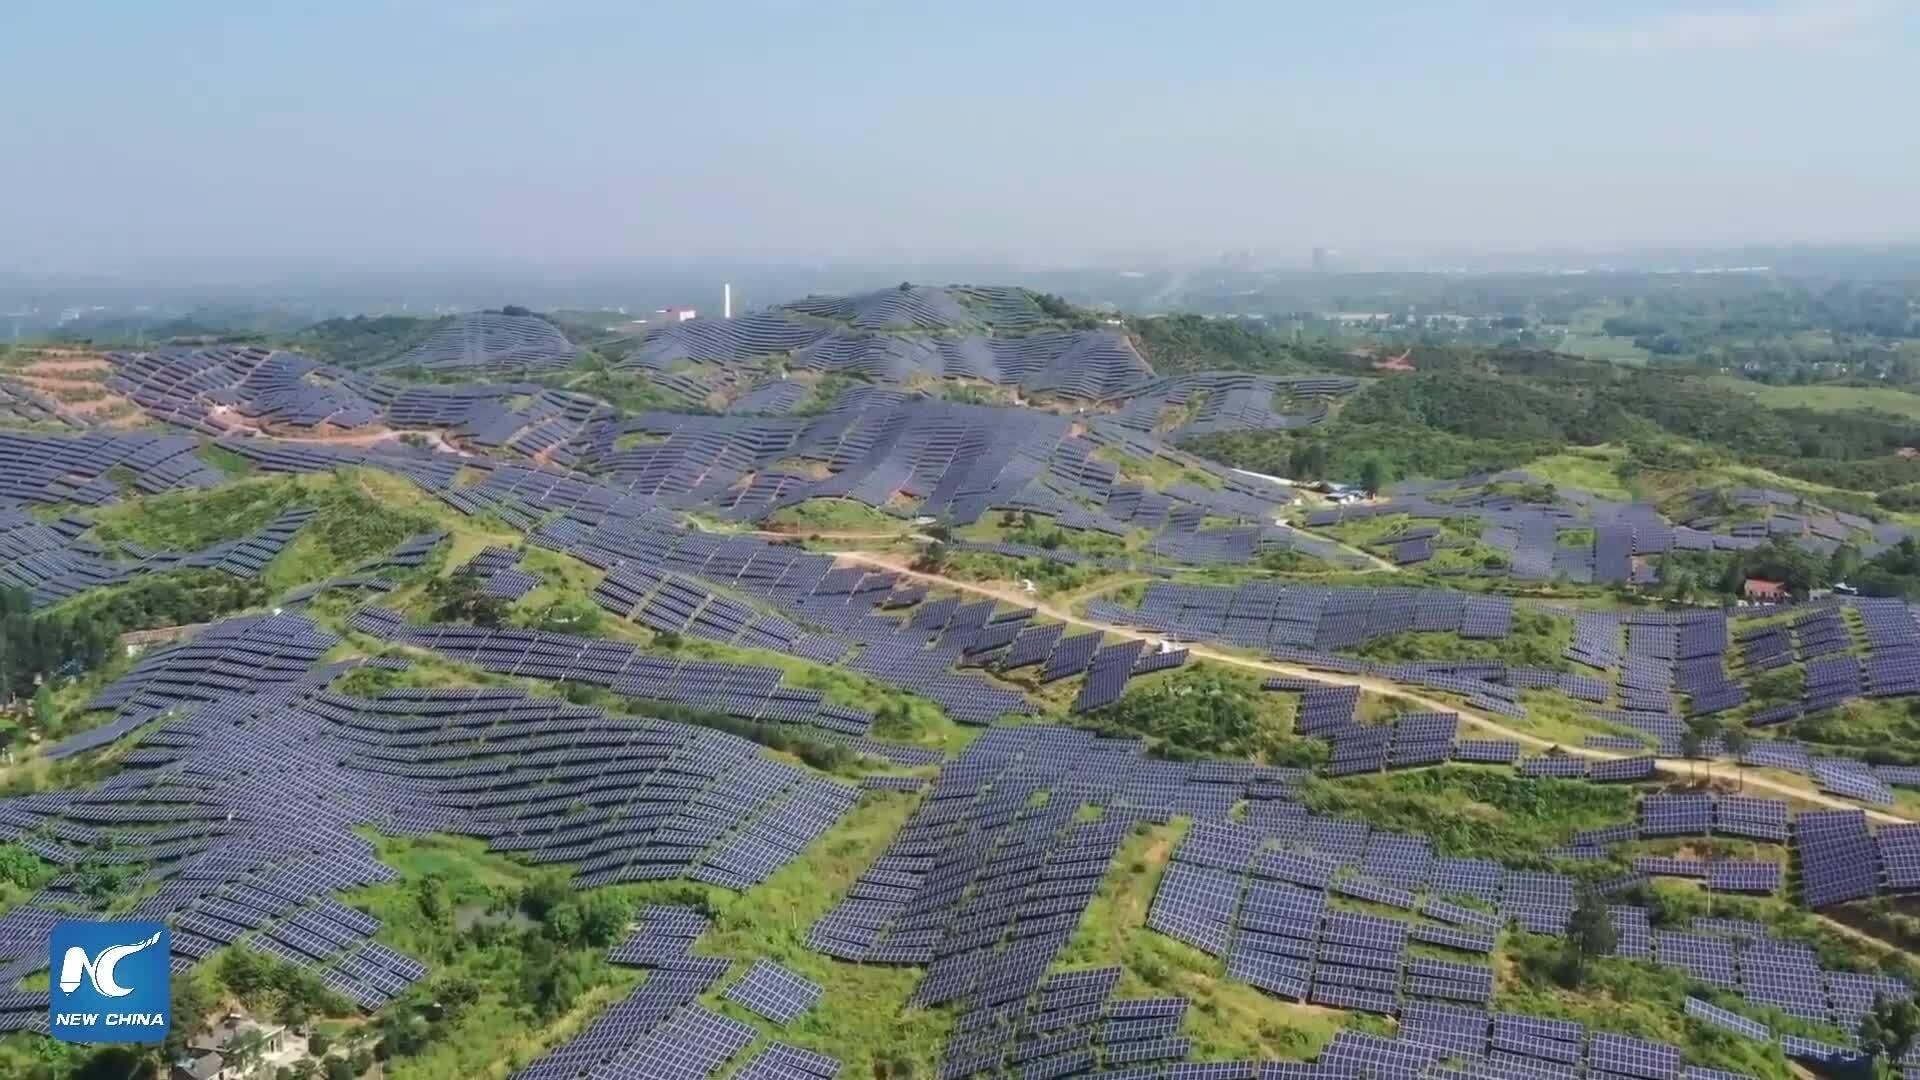 Trang trại điện mặt trời có thể nhìn thấy từ không gian